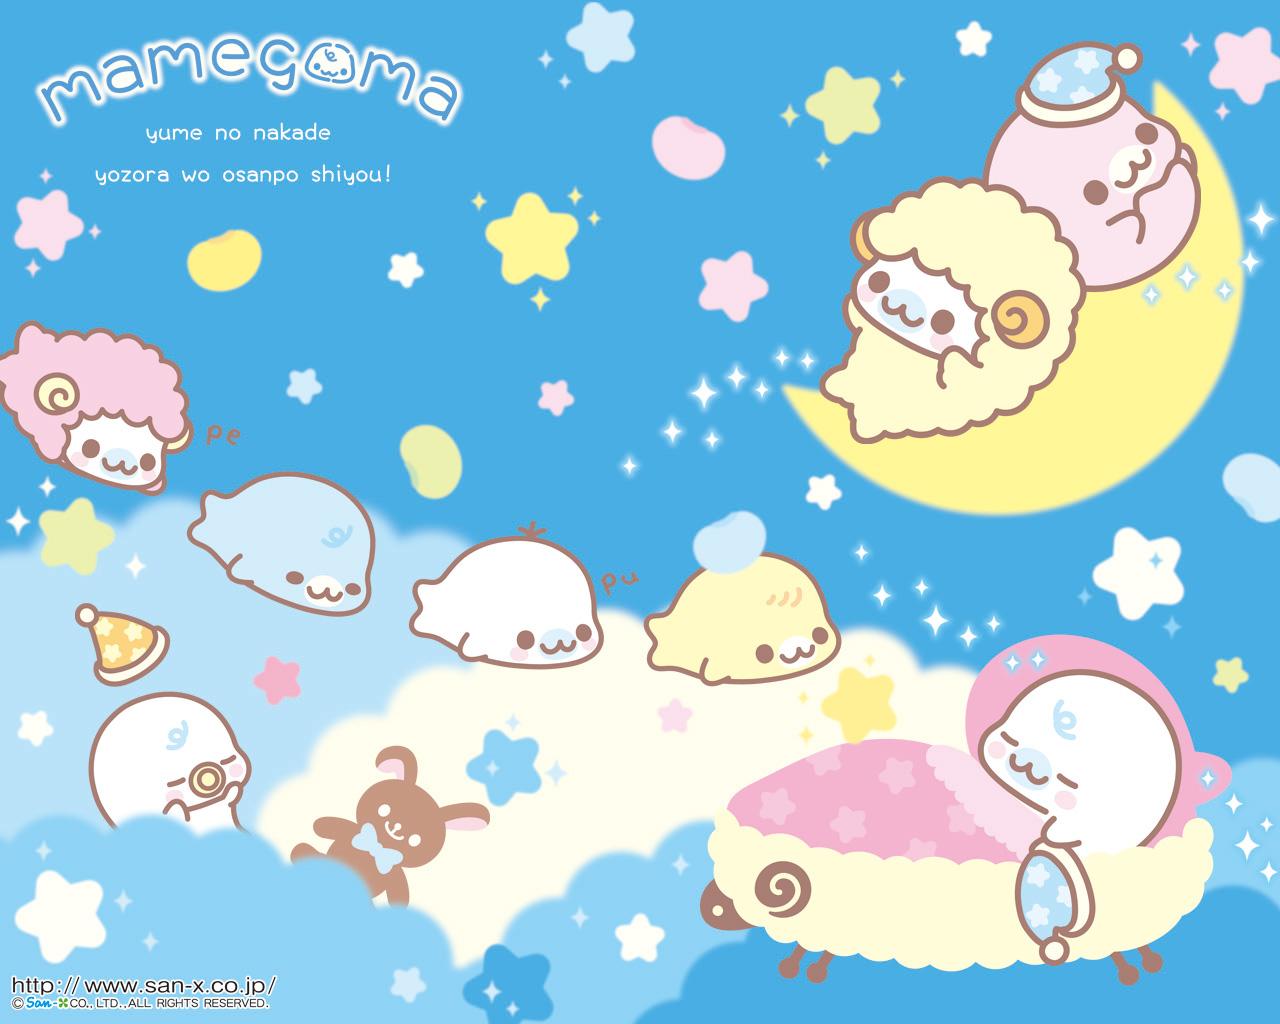 Puppenschloss ~*~: Kawaii Sanrio Wallpaper